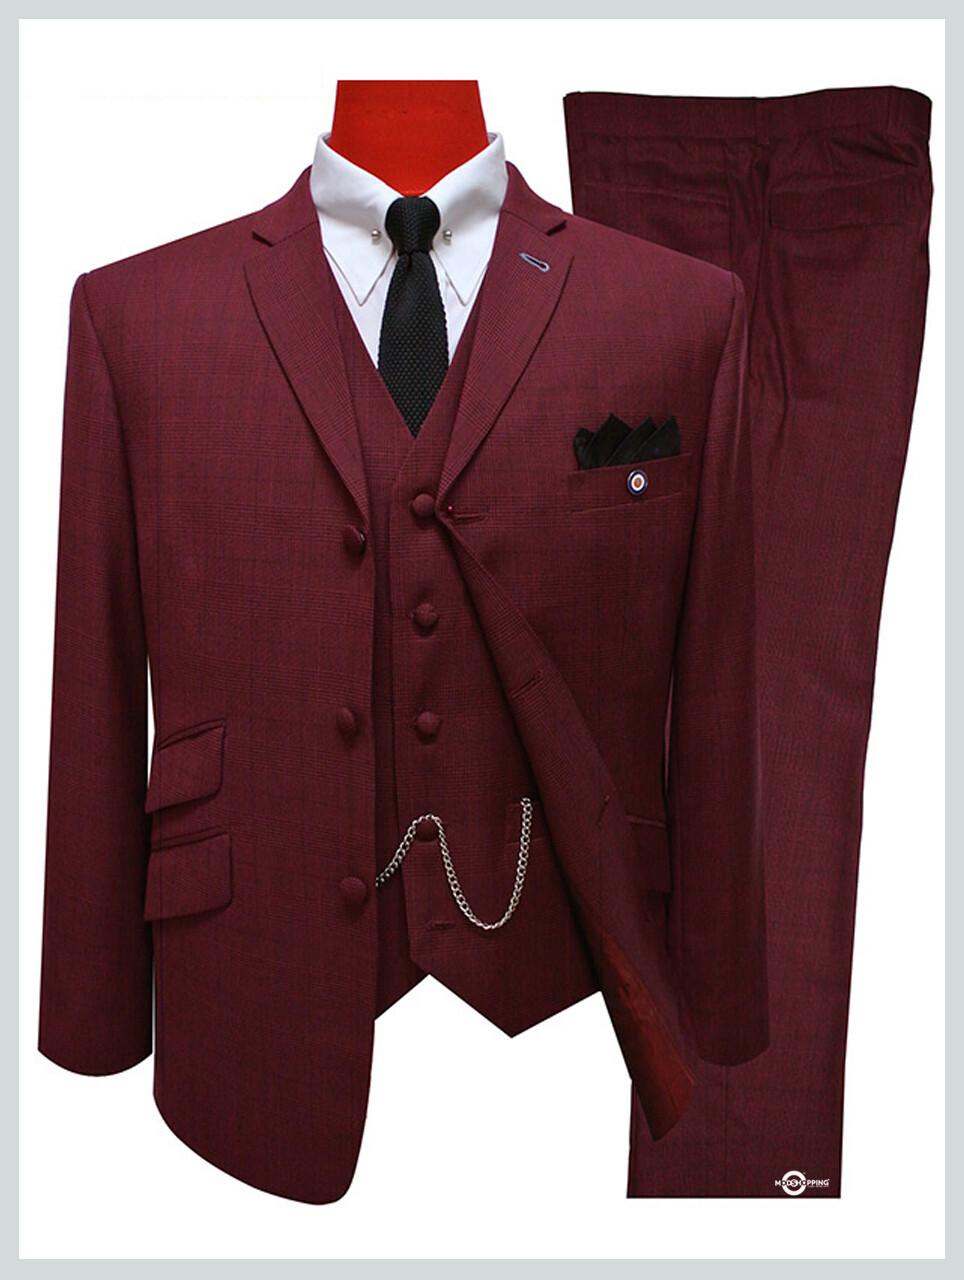 3 Piece Suit | Burgundy Prince Of Wales Retro Mod Suit